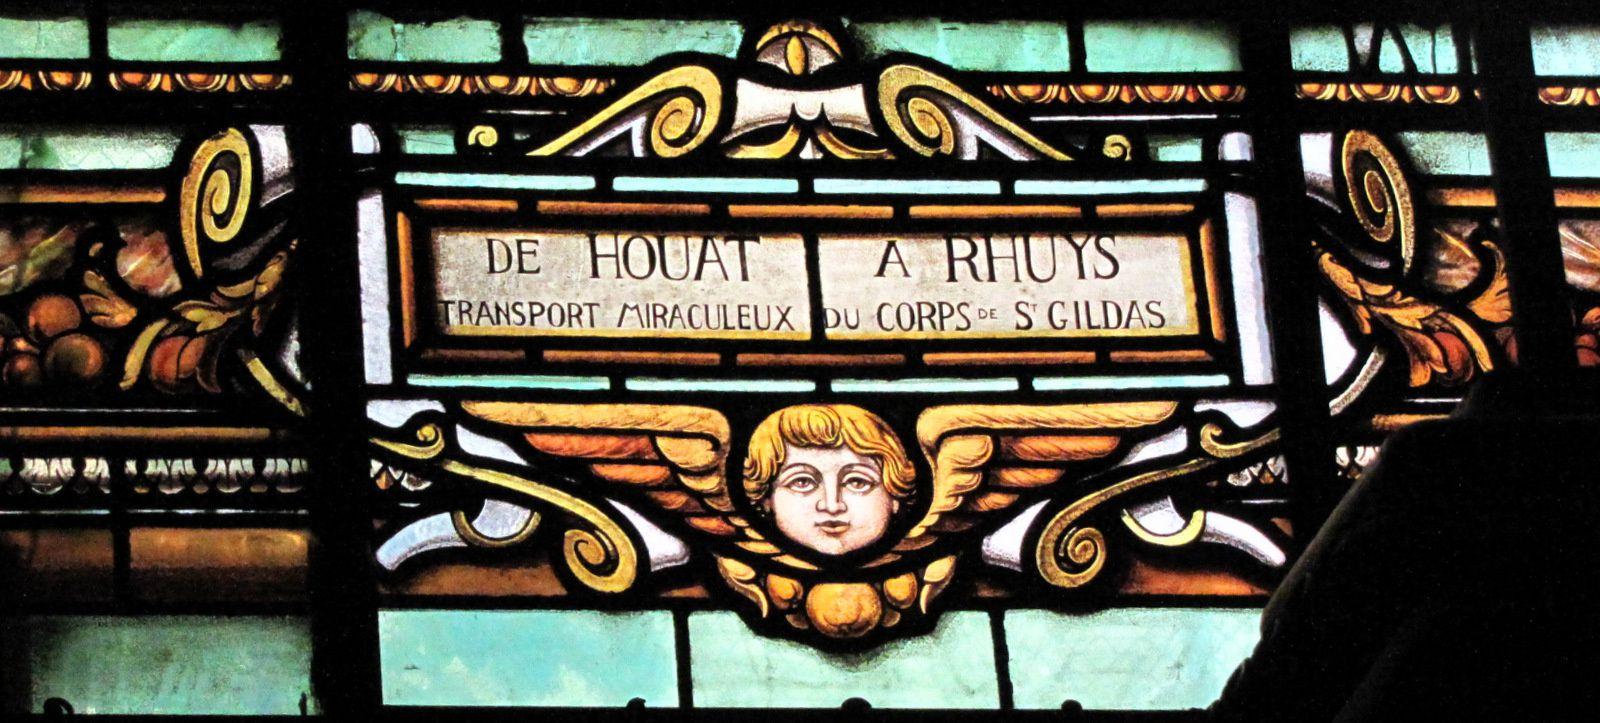 Vitraux de l'église Saint-Gildas, Auray